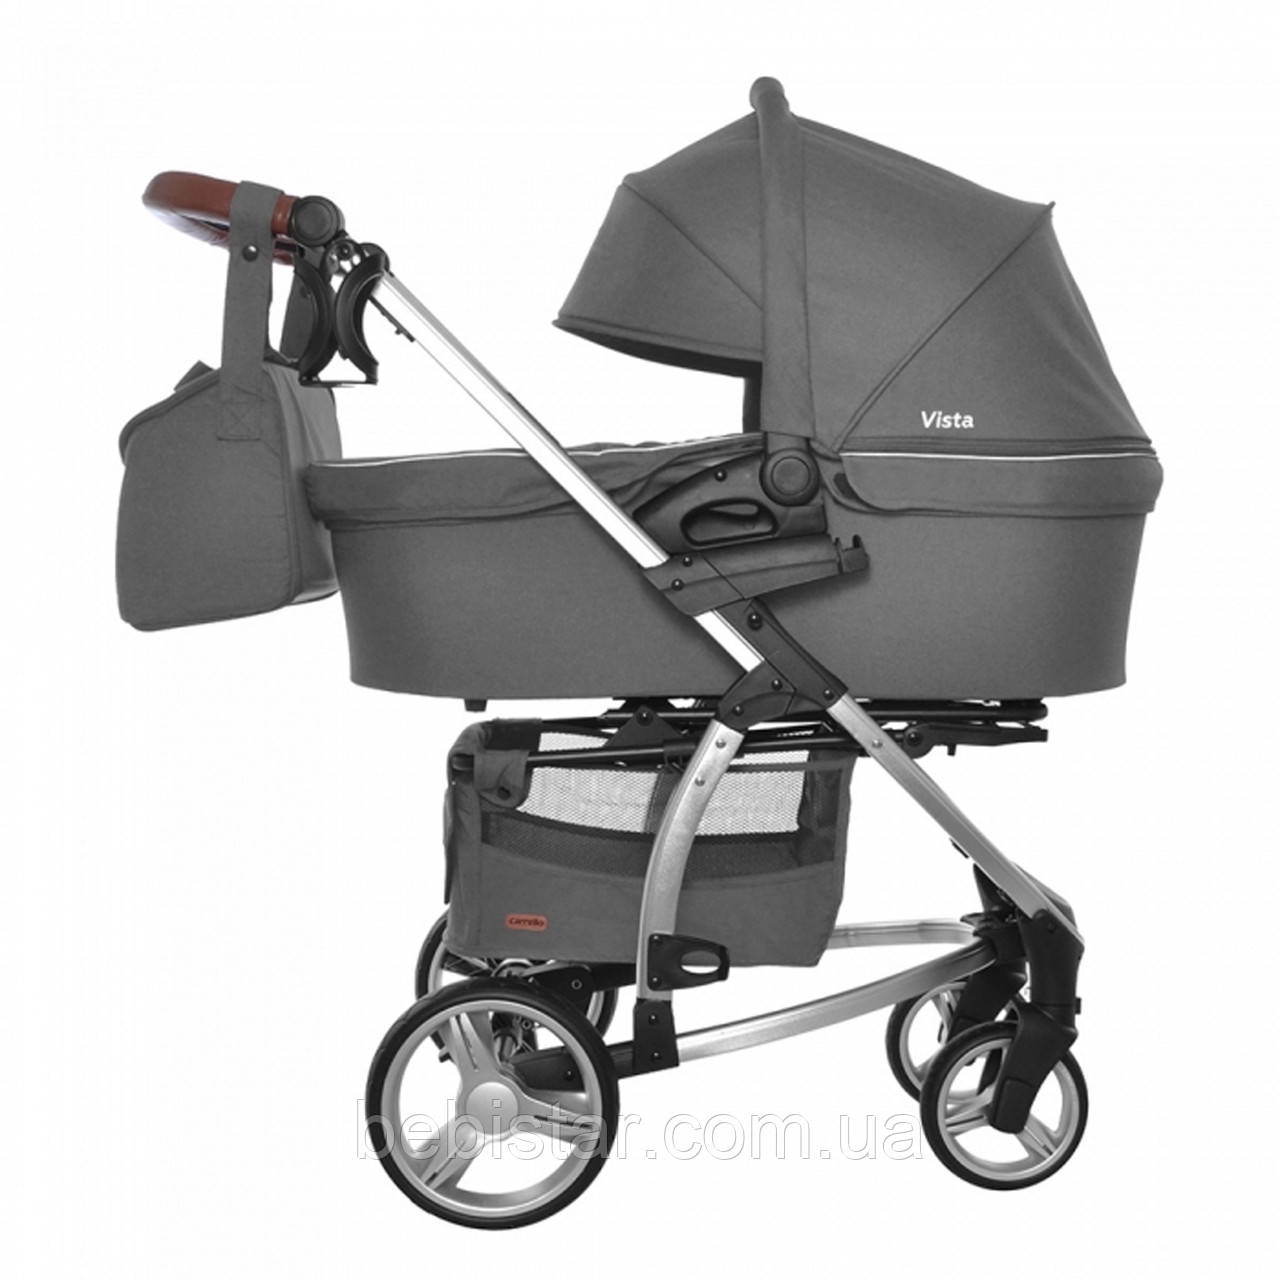 Детская универсальная коляска 2 в 1 темно-серая CARRELLO Vista CRL-6501 Steel Gray